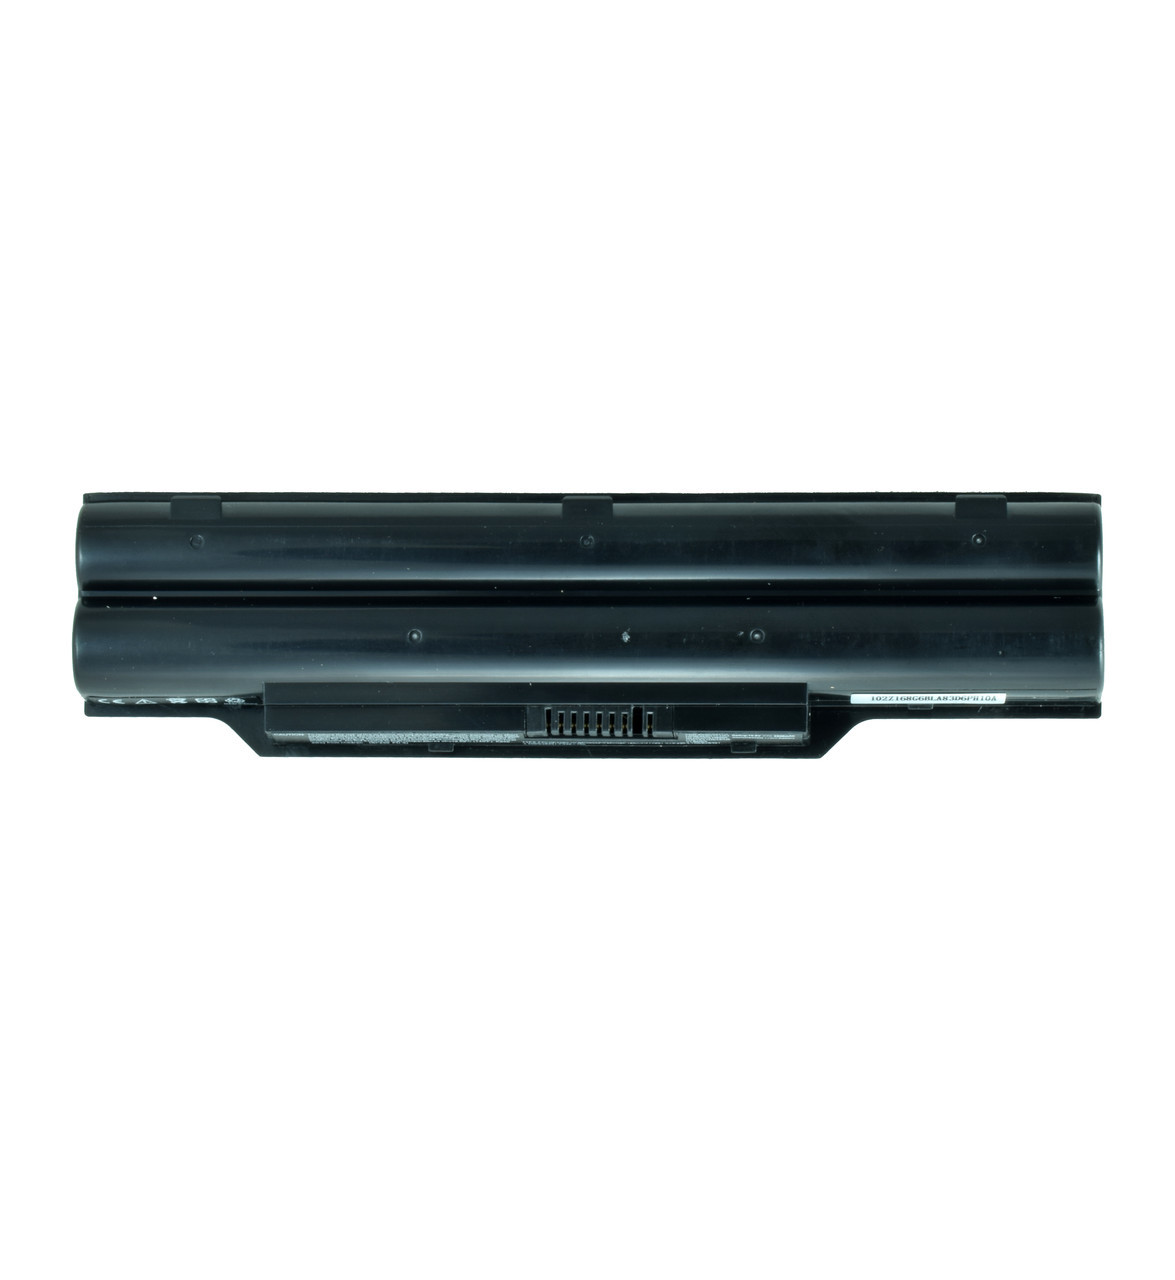 Батарея для ноутбука FUJITSU FPCBP250 FPCBP250AP FMVNBP186 CP477891-01